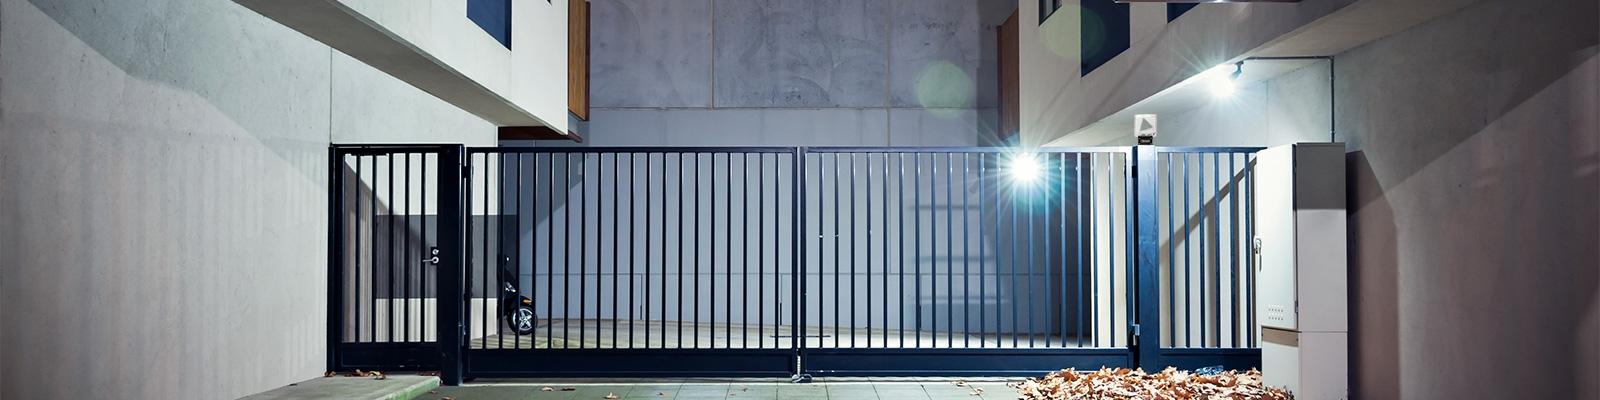 Cancello A Due Ante Battenti.Roger Technology Automazioni In Movimento